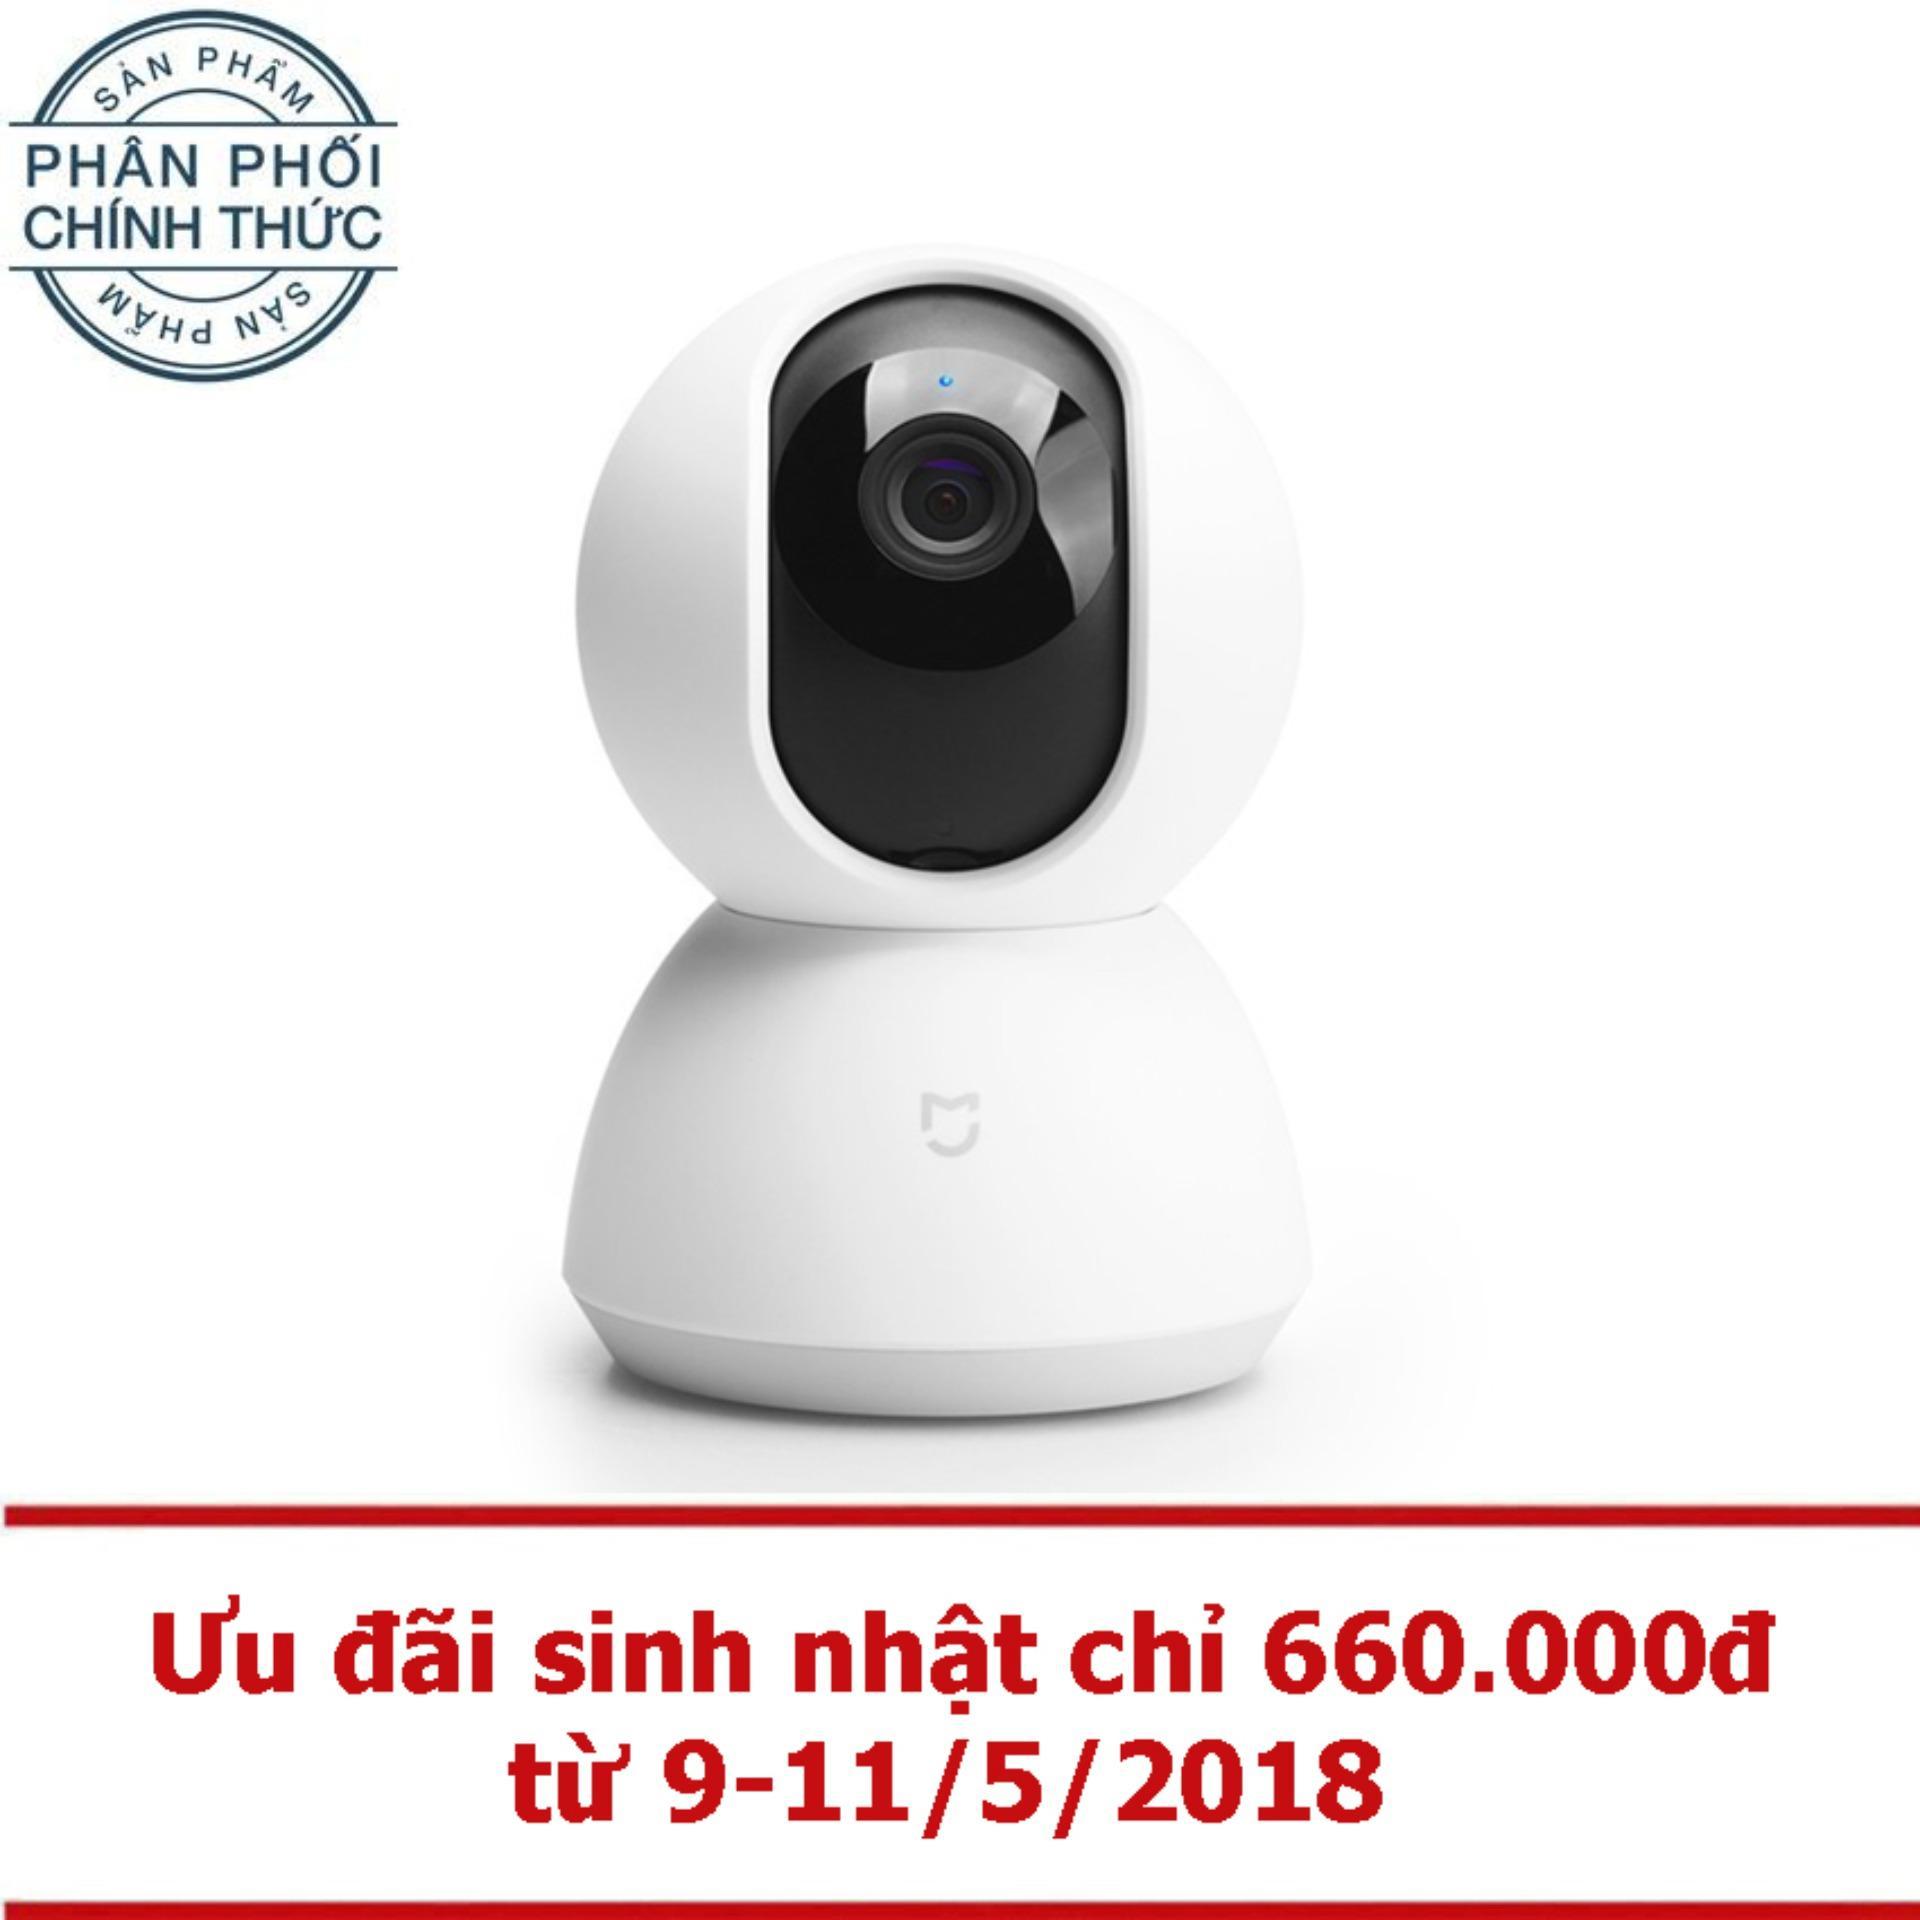 Bán Camera Ip Xiaomi Home 360 Hd 2017 Ptz Trắng Hang Phan Phối Chinh Thức Hồ Chí Minh